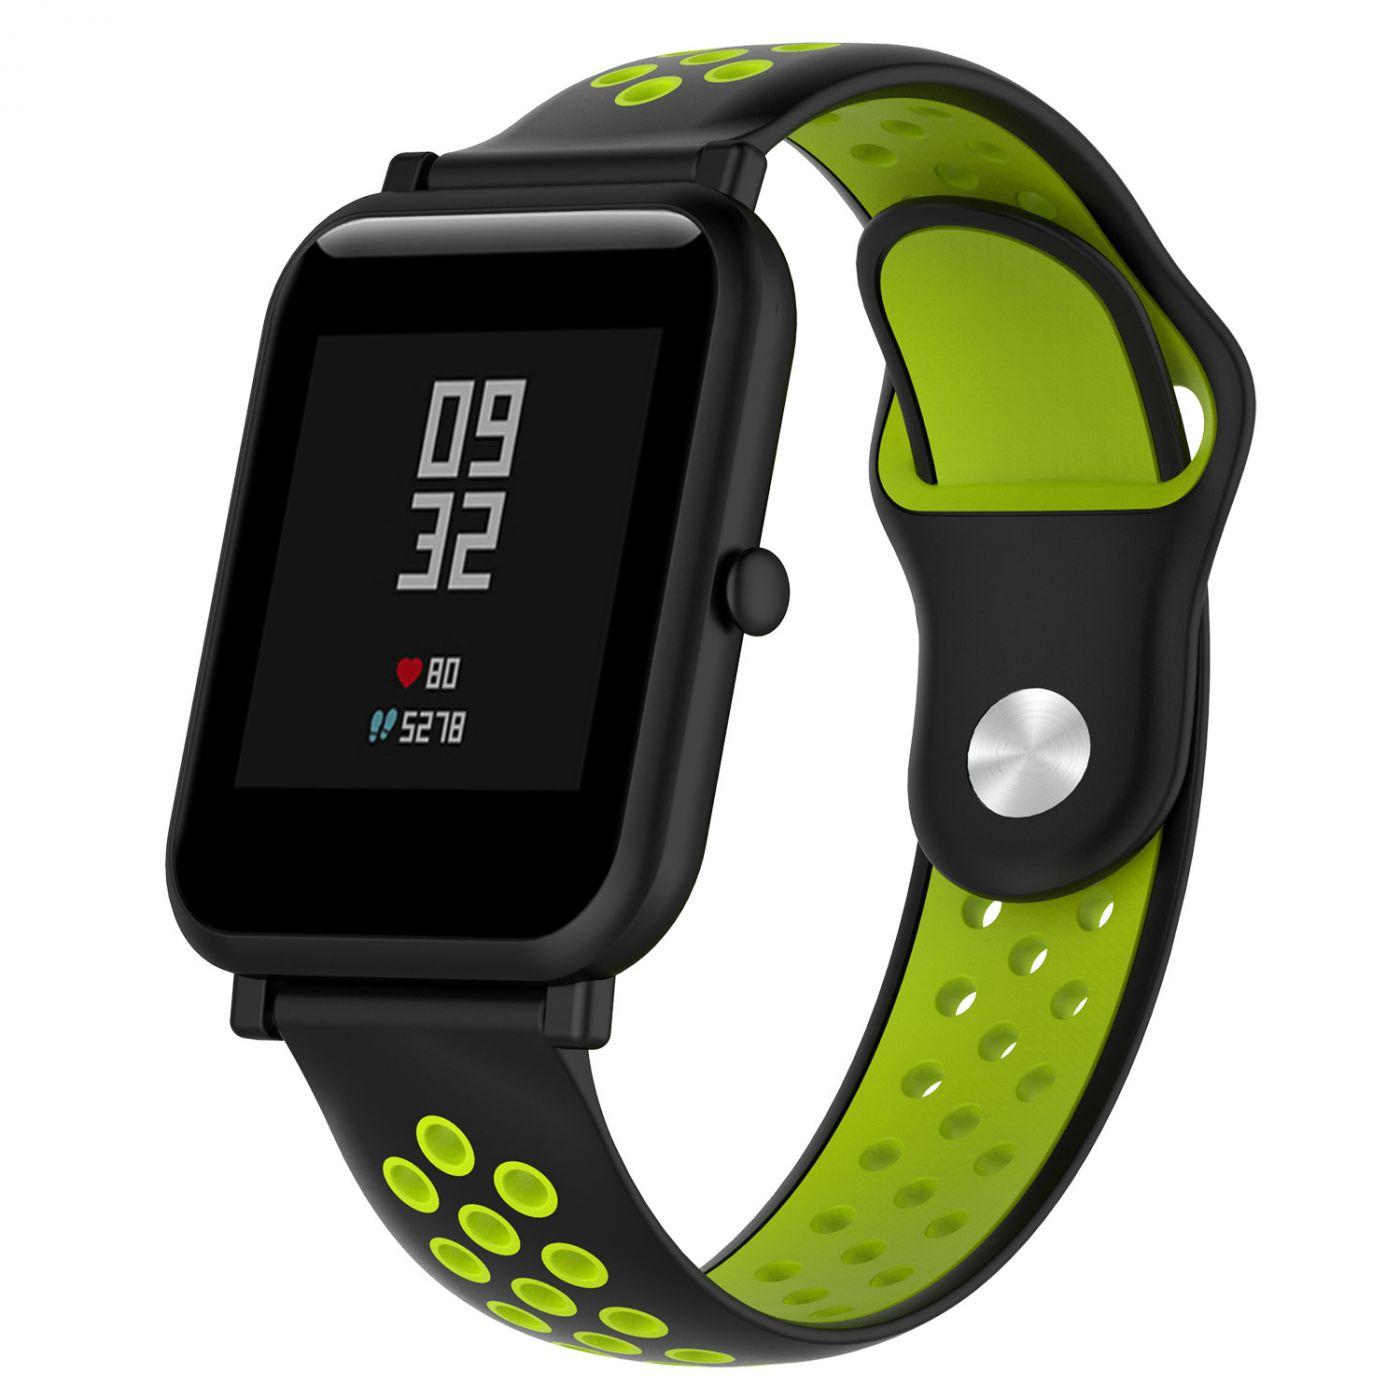 Сменный ремешок для Умных часов  Amazfit Bip Smartwatch (Черный - Салатовый)